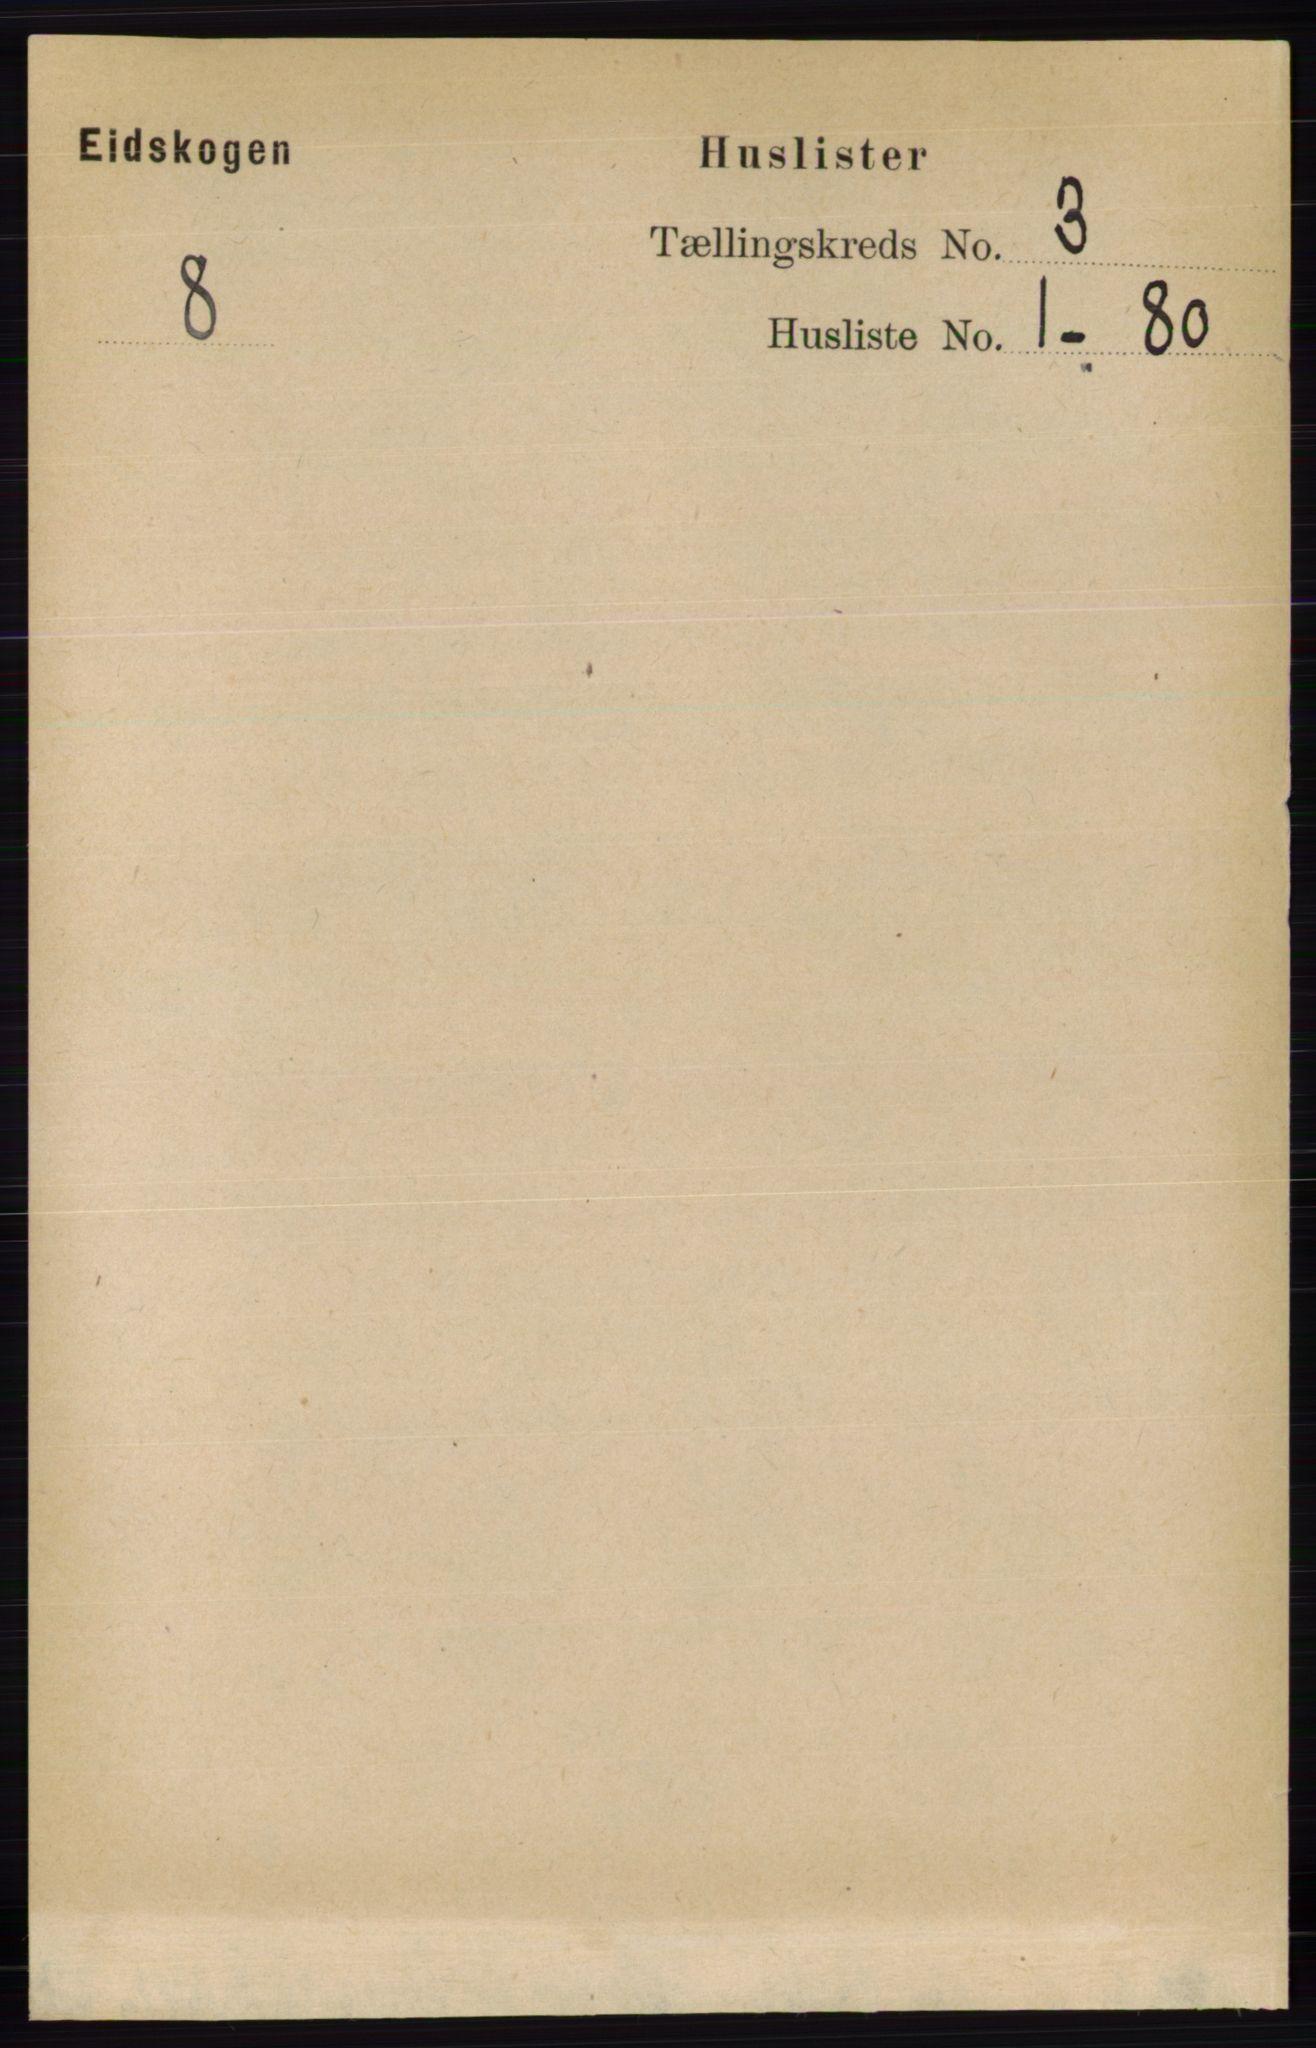 RA, Folketelling 1891 for 0420 Eidskog herred, 1891, s. 988